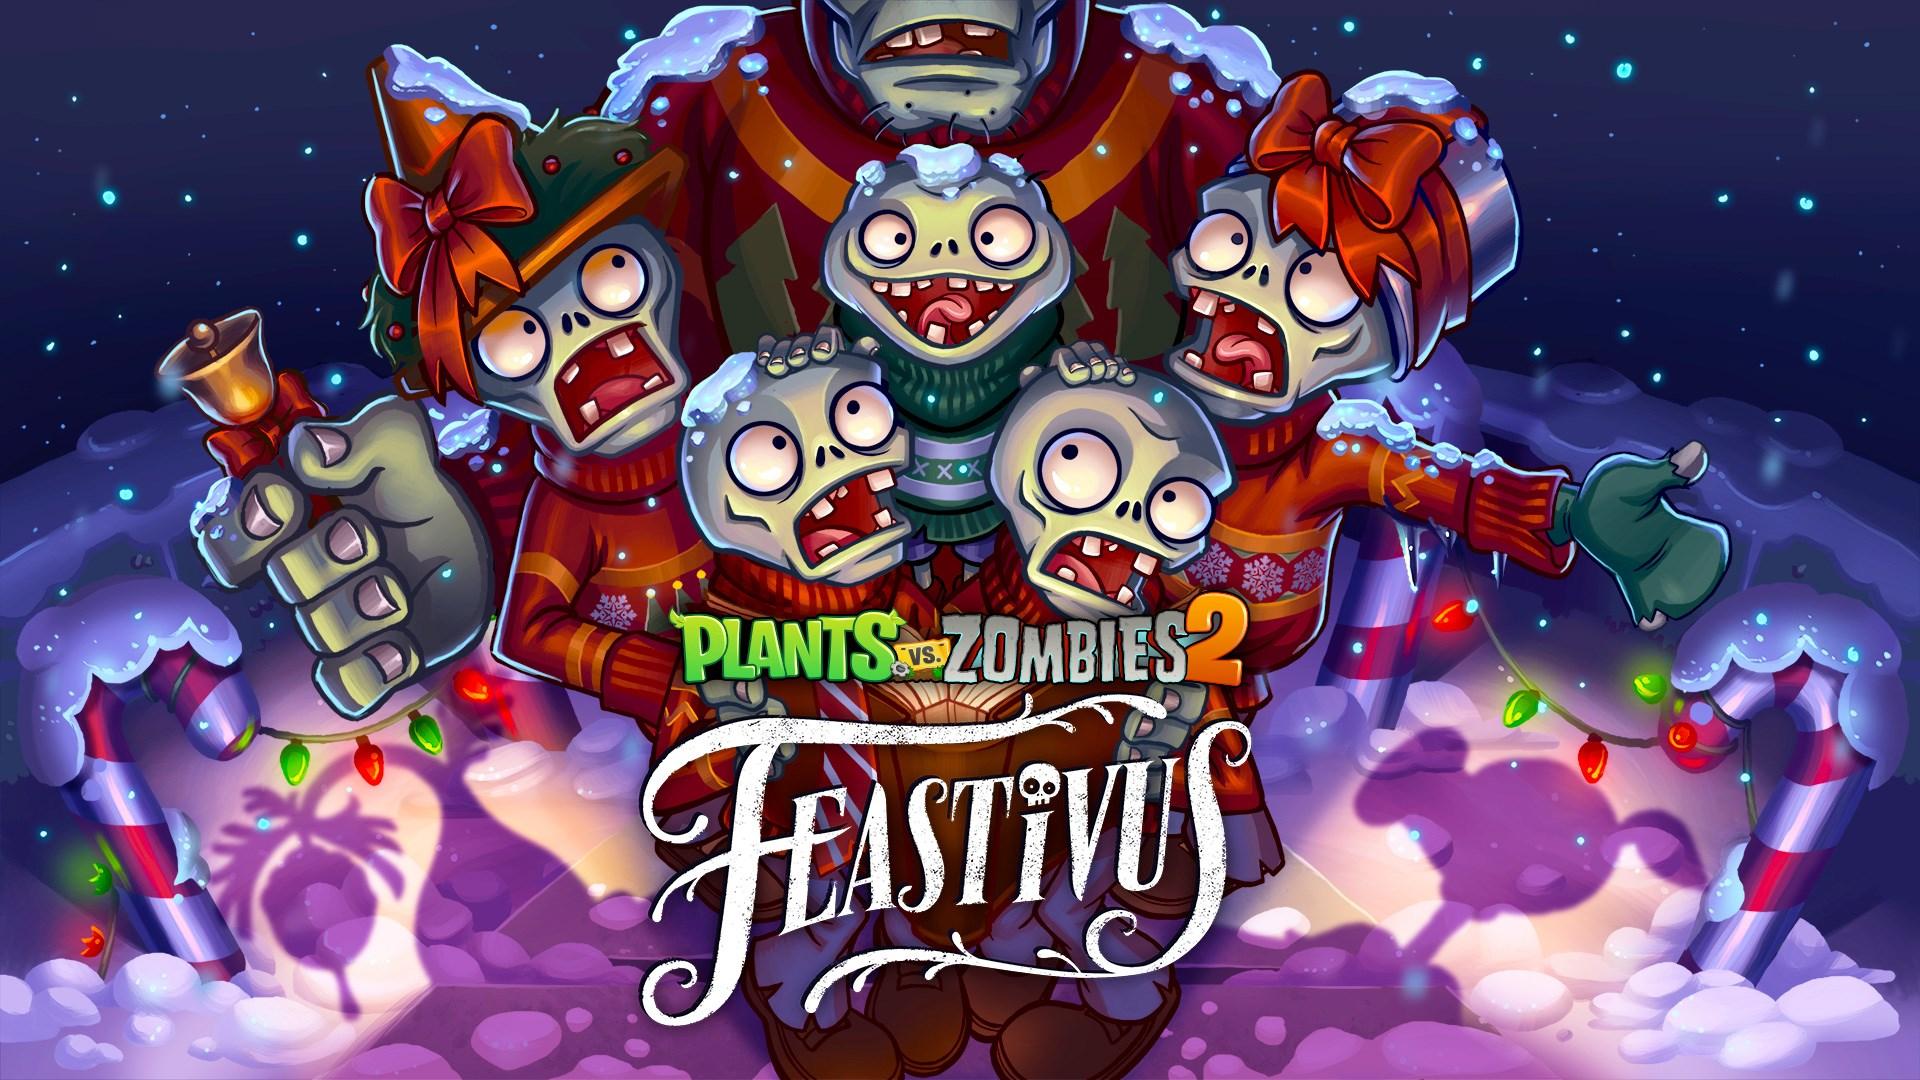 File:Pvz2-feastivus-header.png